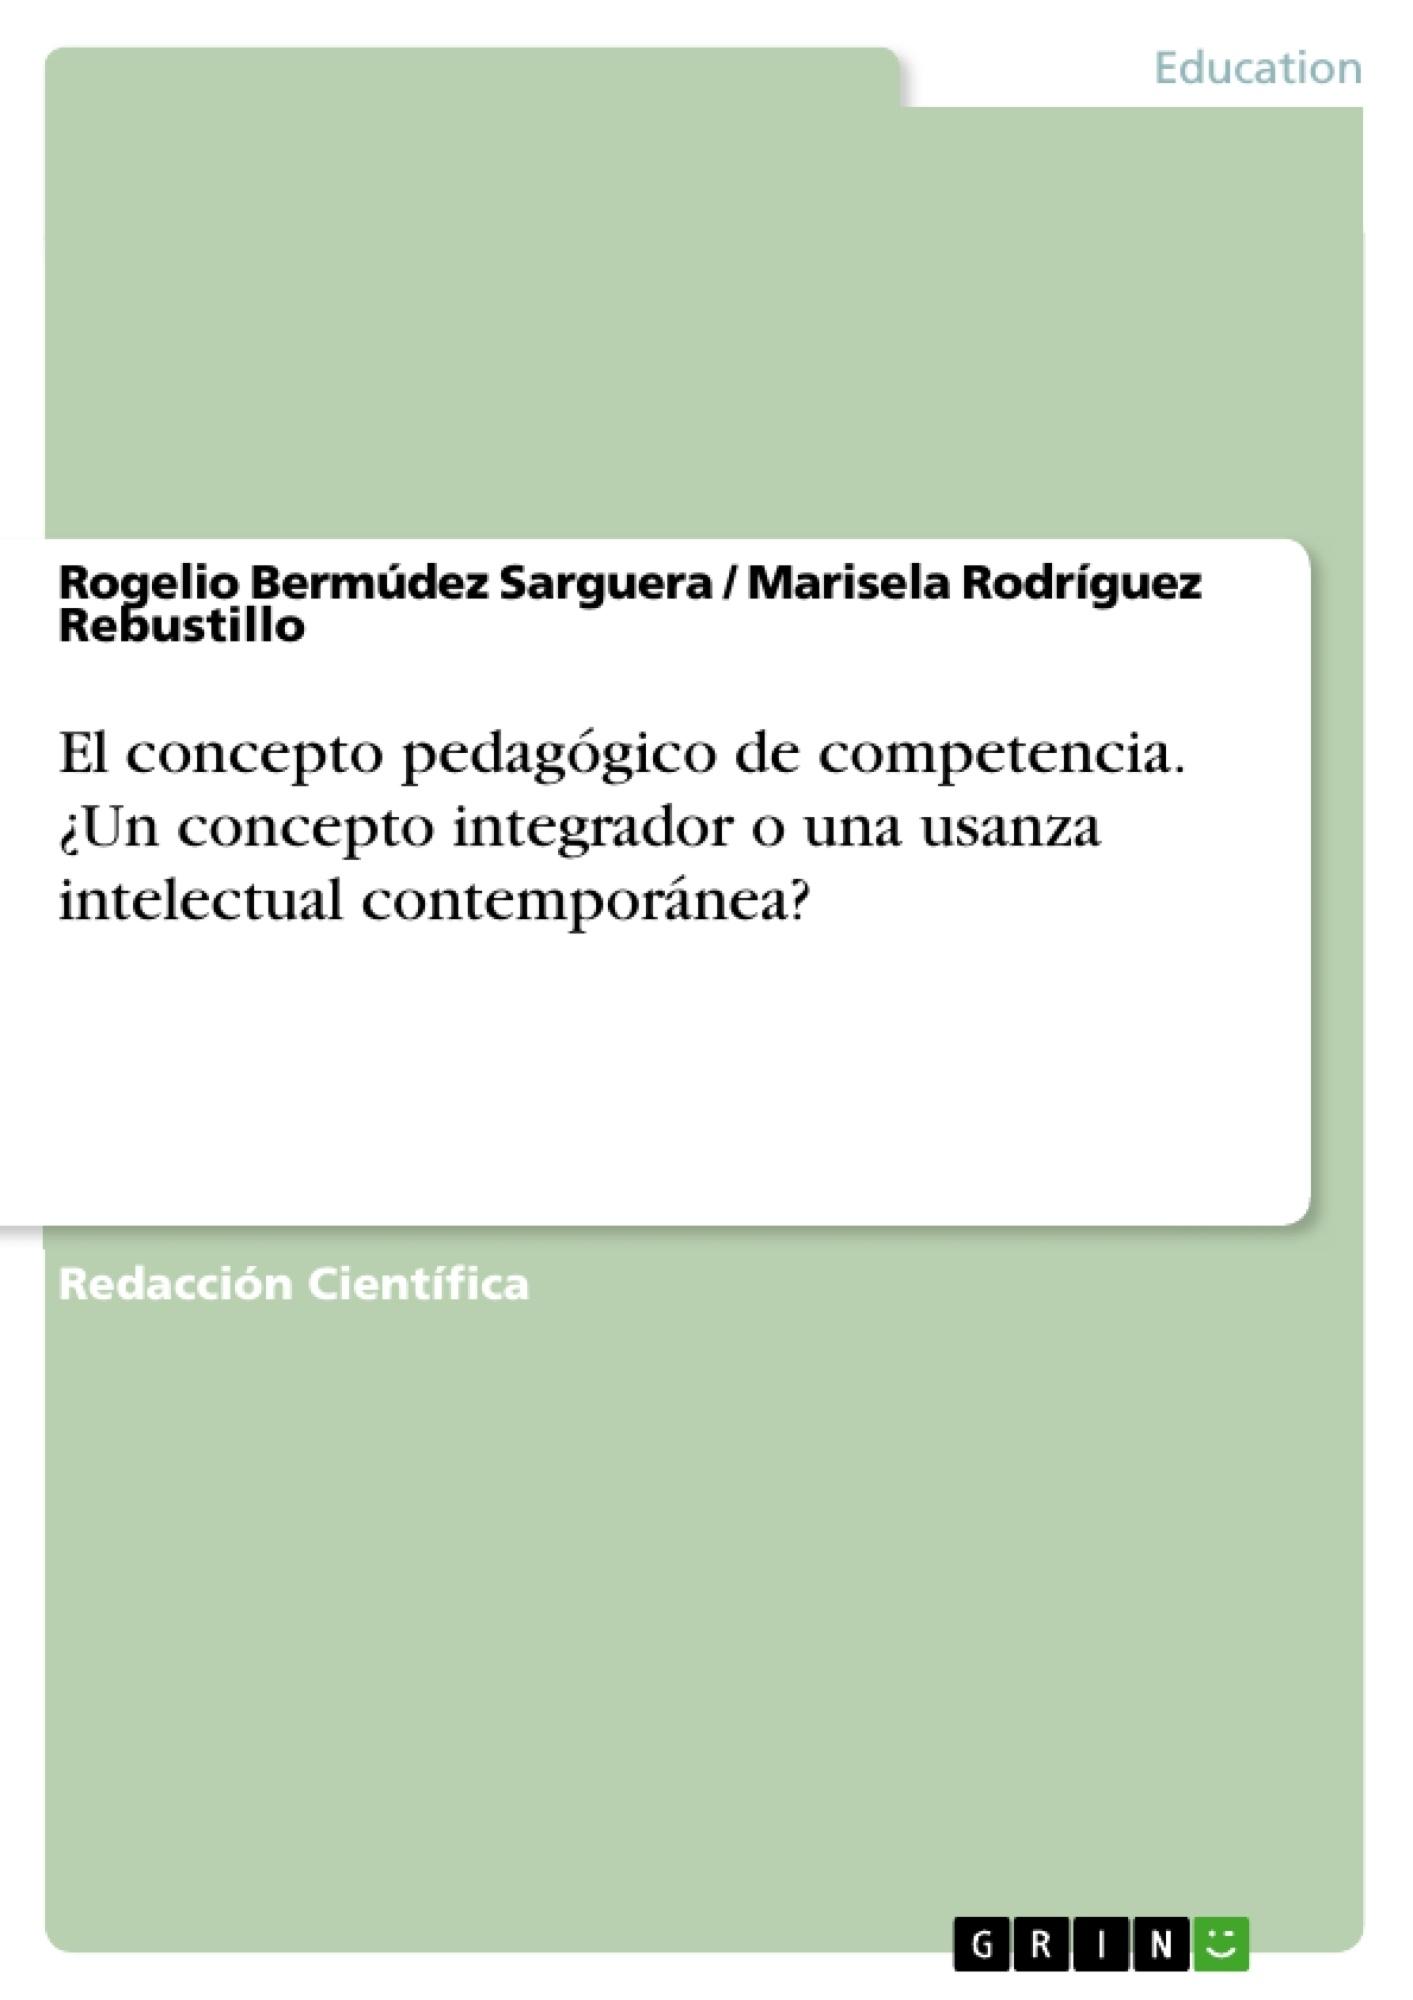 Título: El concepto pedagógico de competencia. ¿Un concepto integrador o una usanza intelectual contemporánea?